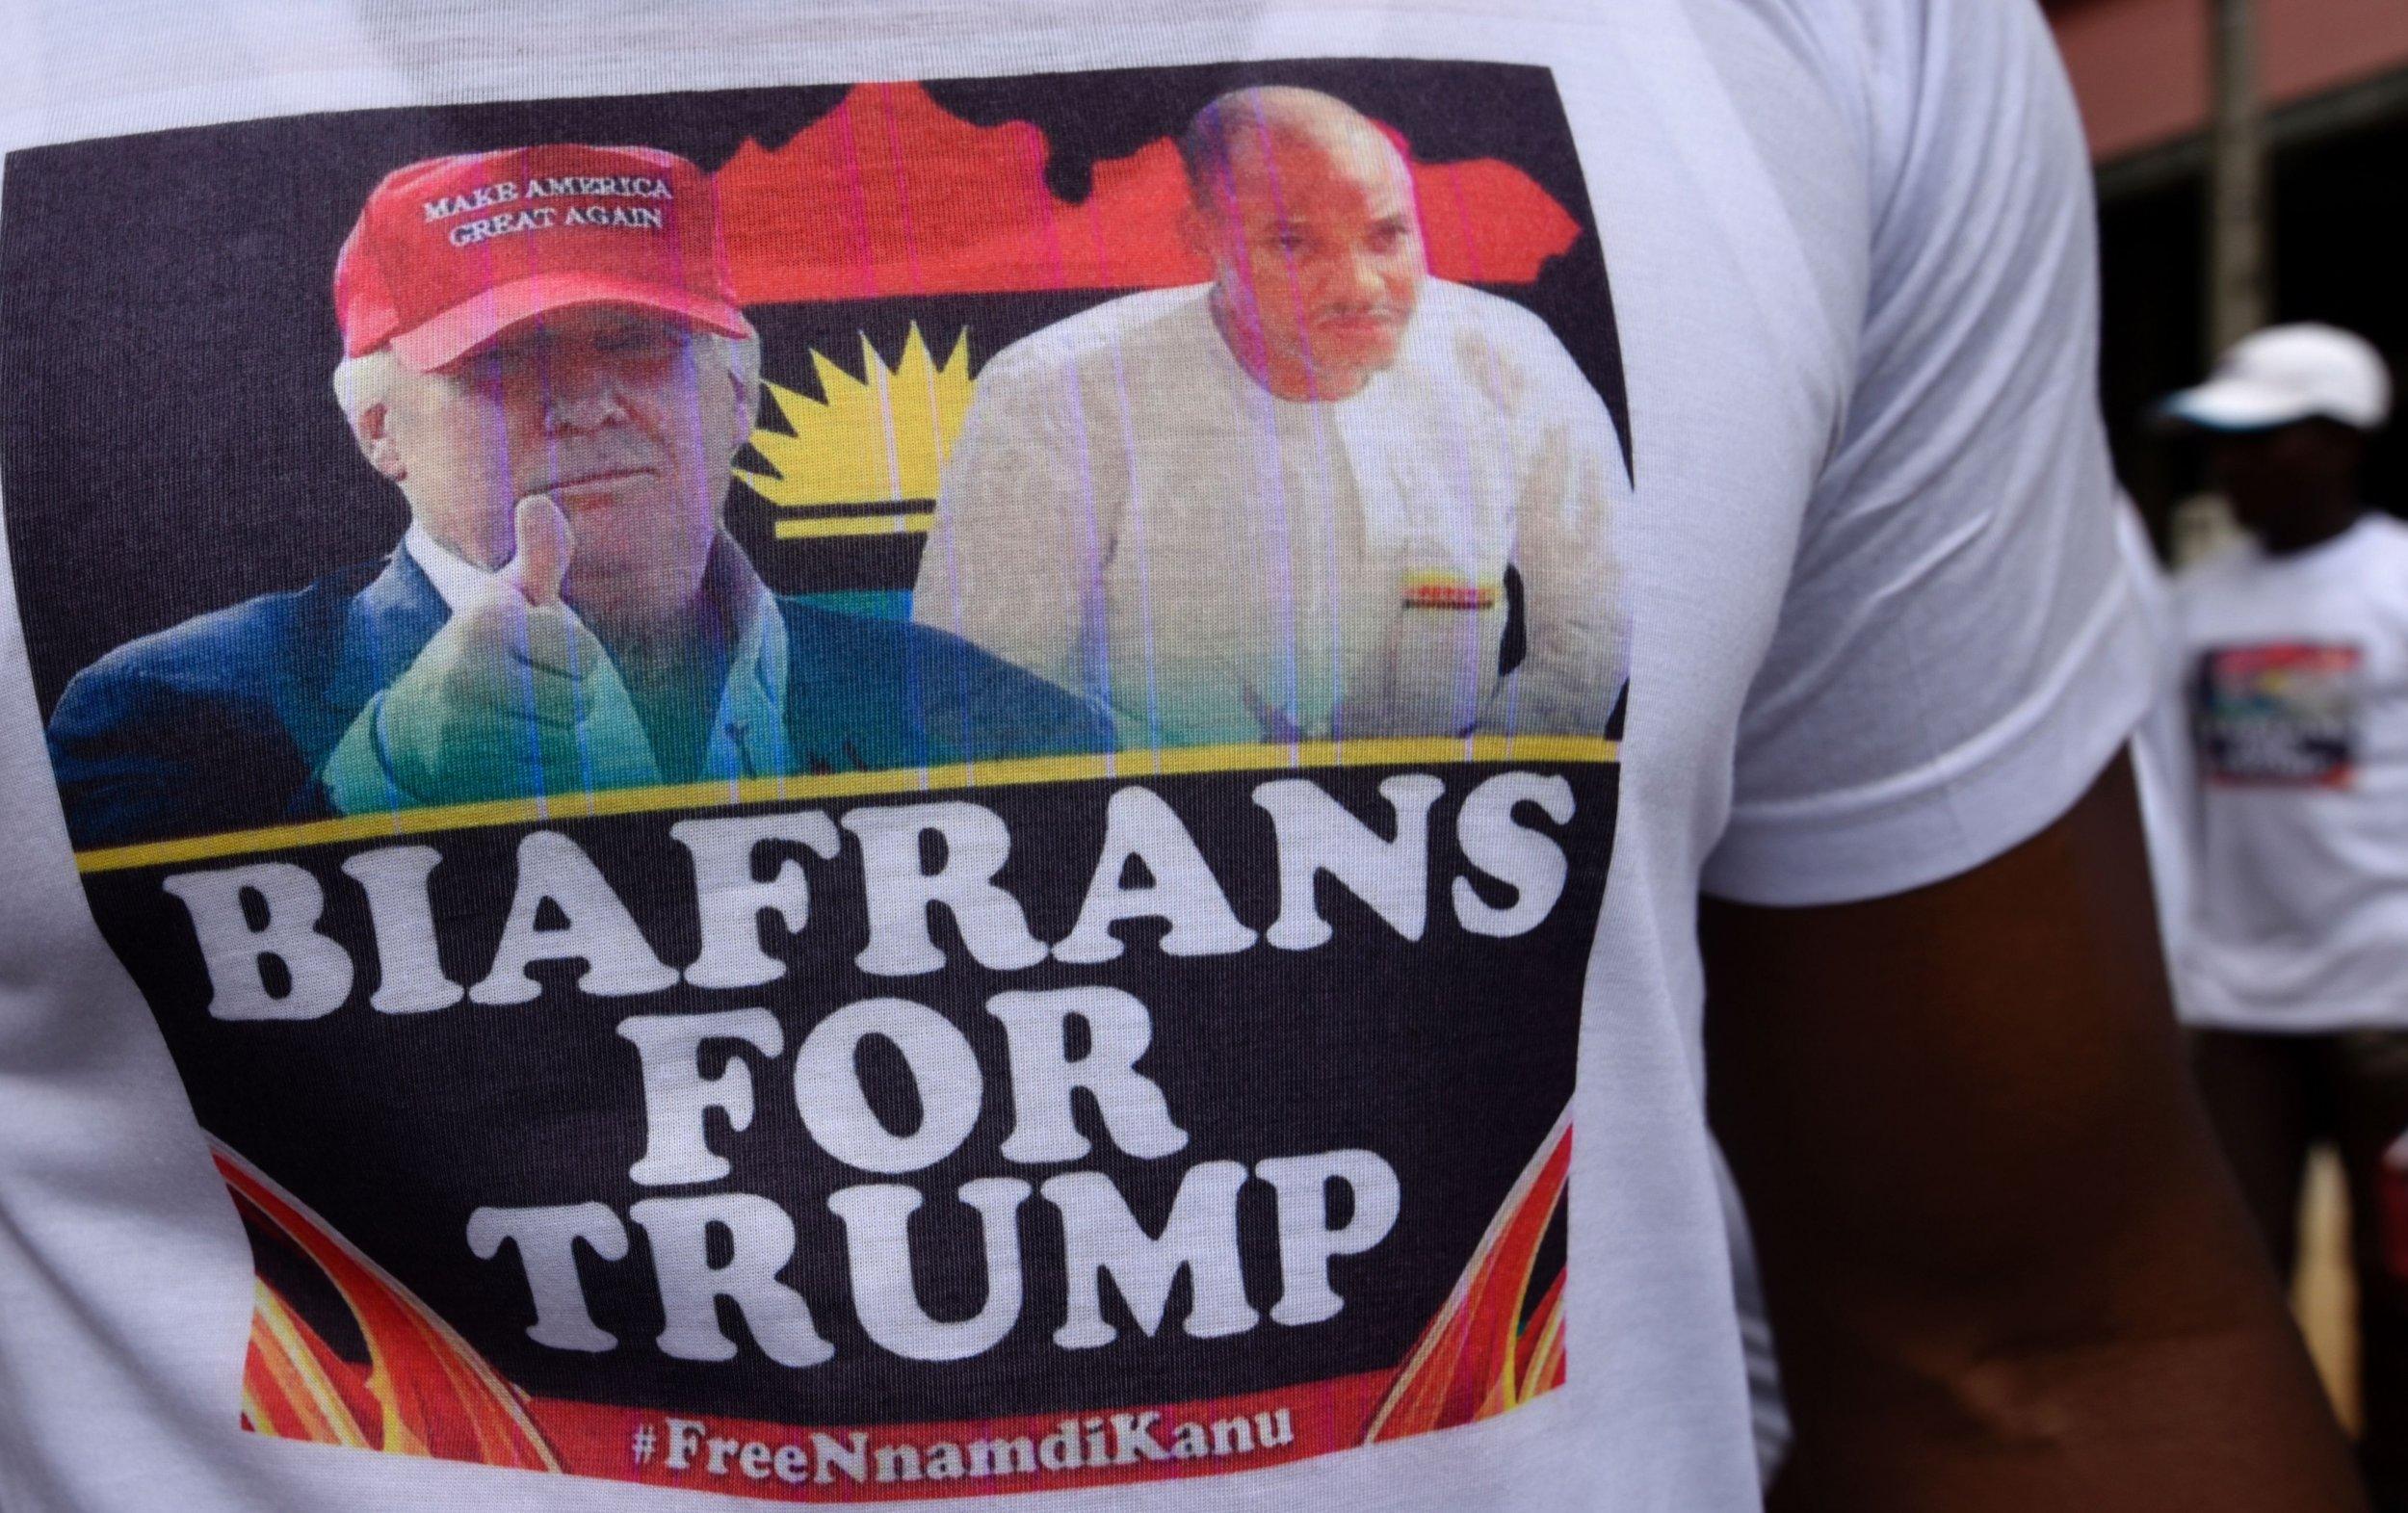 Trump Biafra